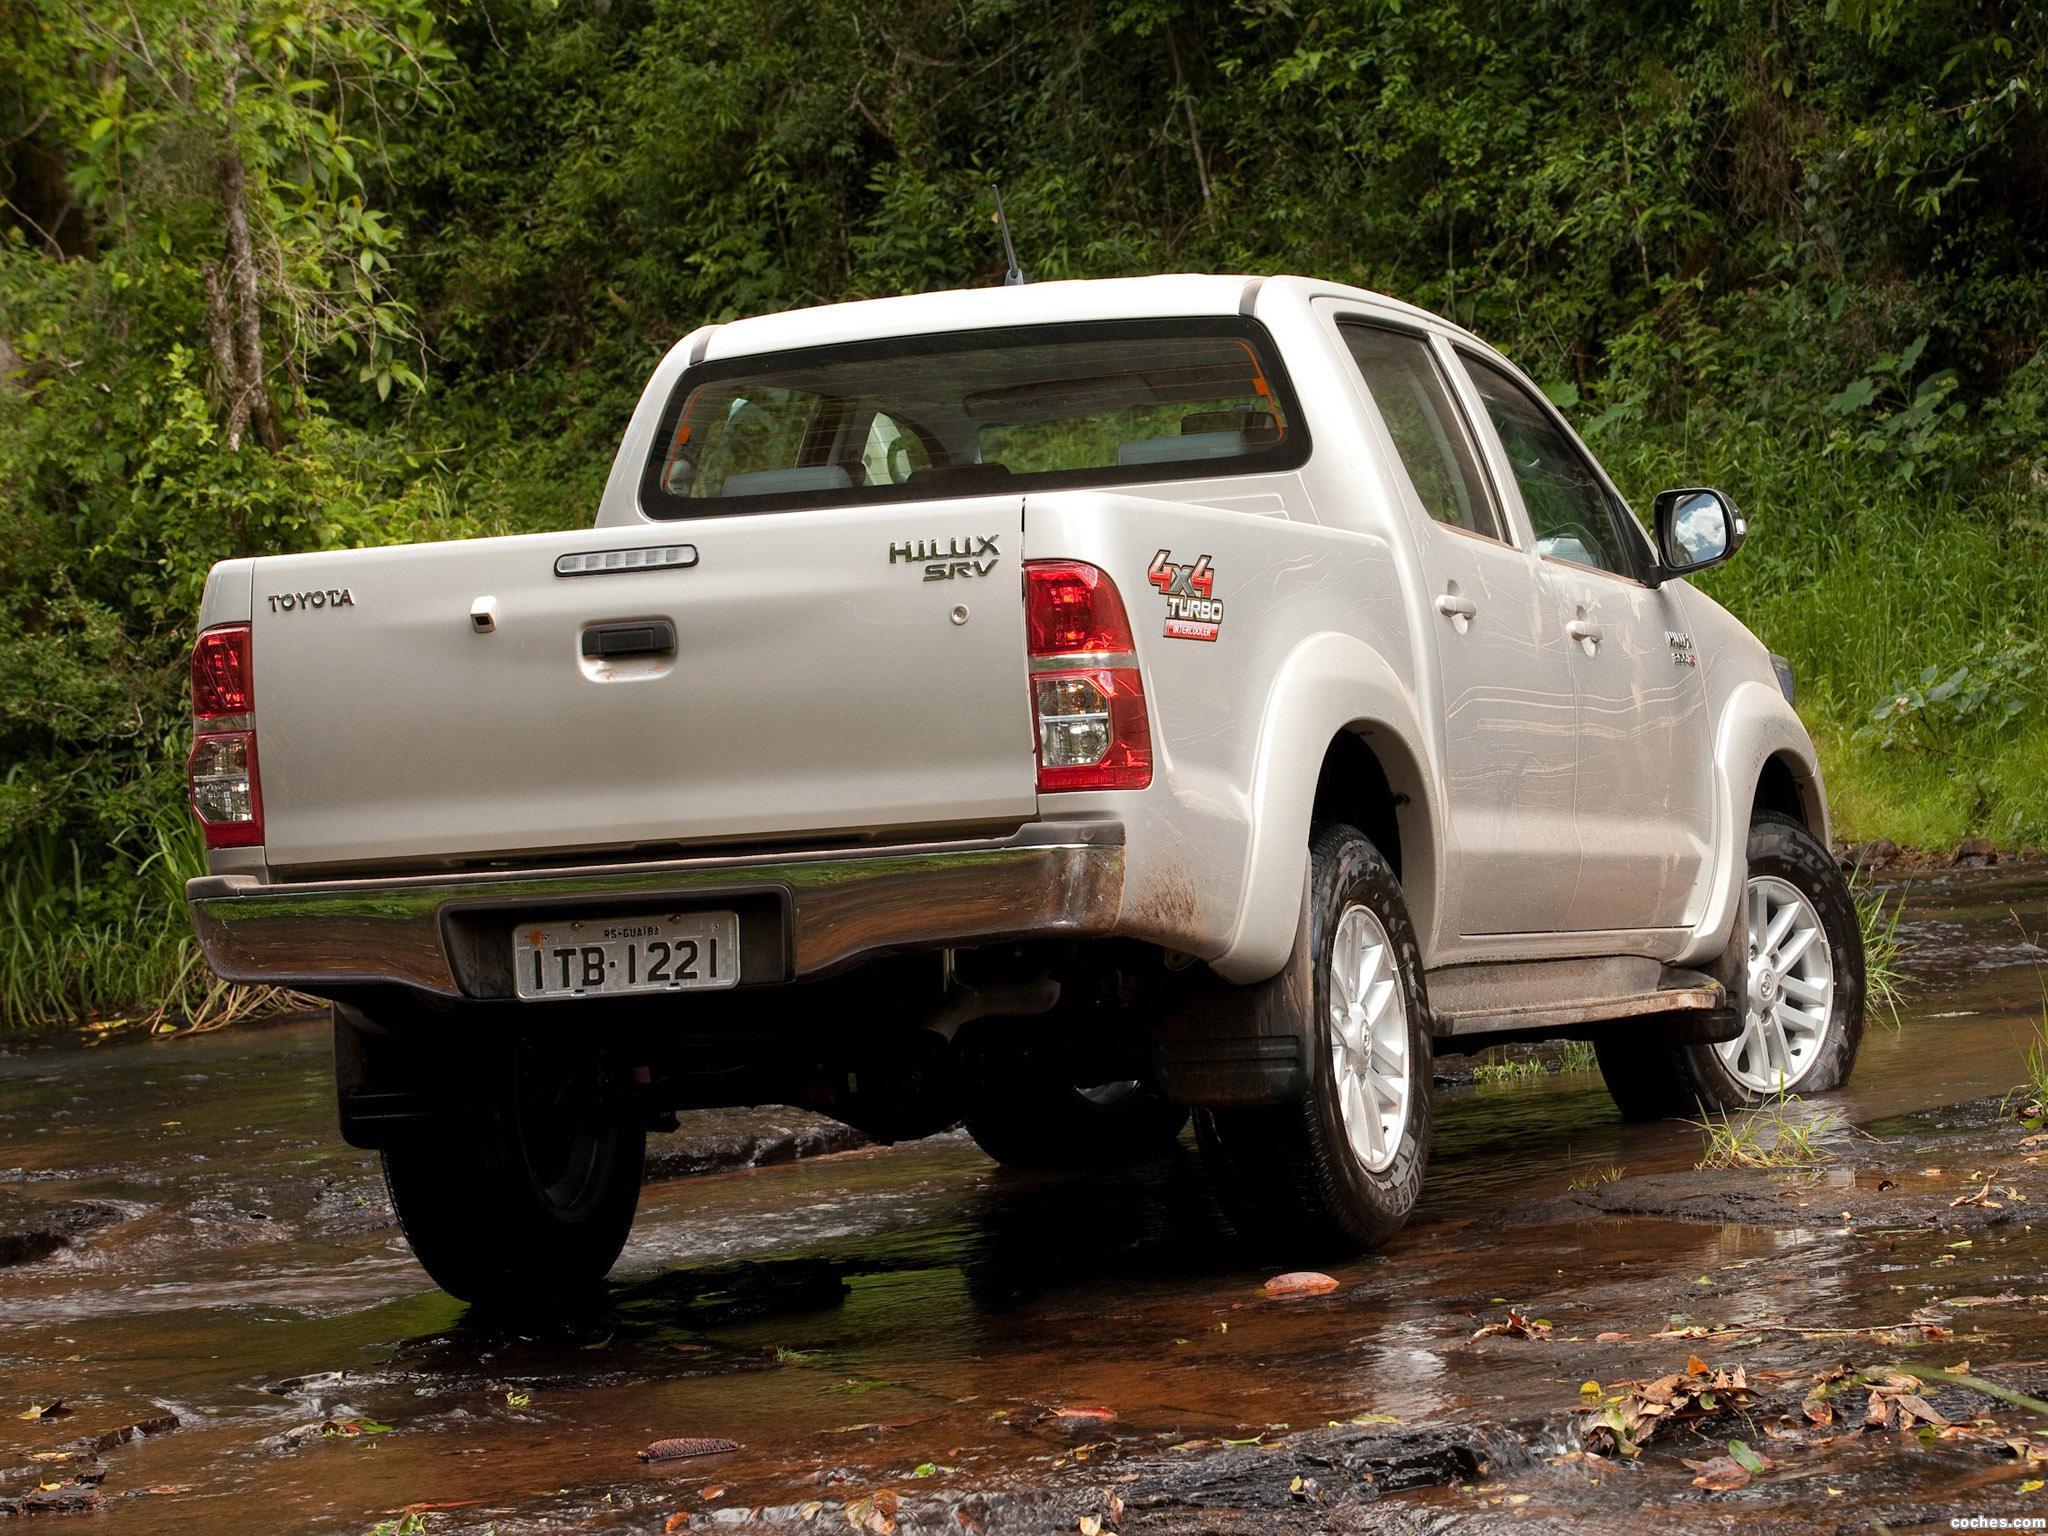 Foto 1 de Toyota Hilux SRV Double Cab 4x4 2012